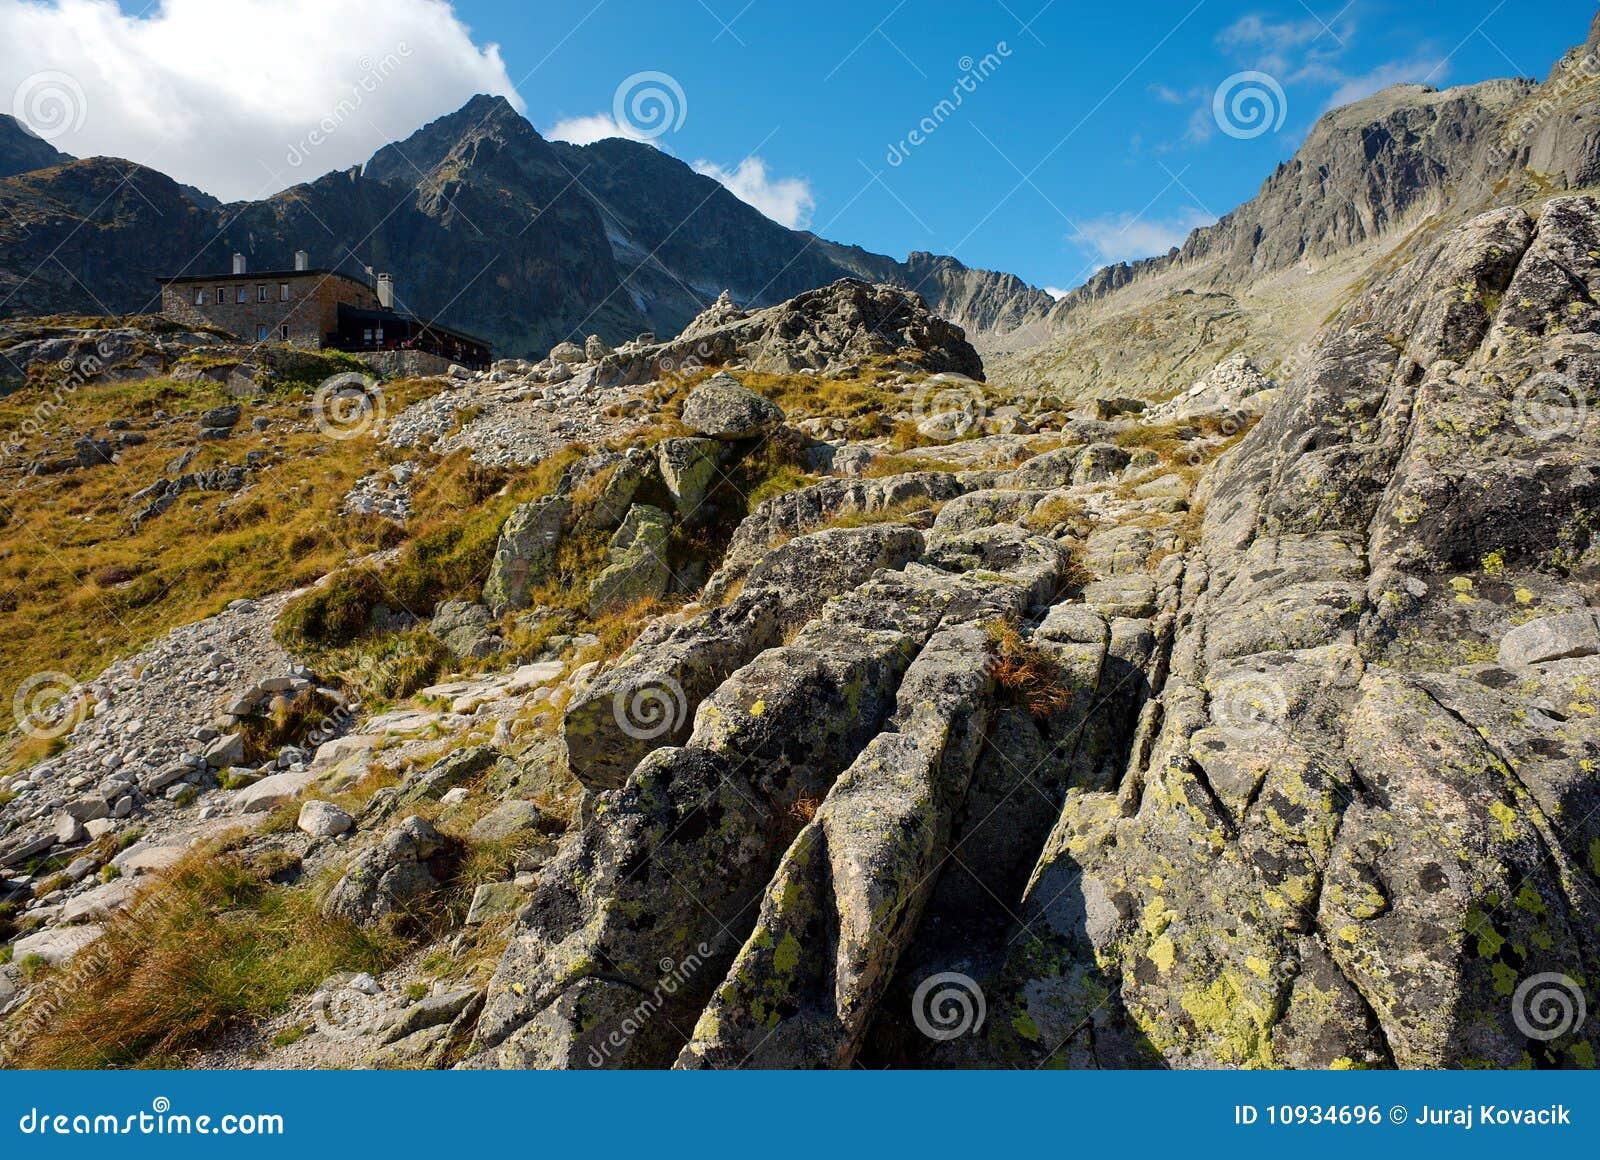 путь горы коттеджа каменистый к гулять